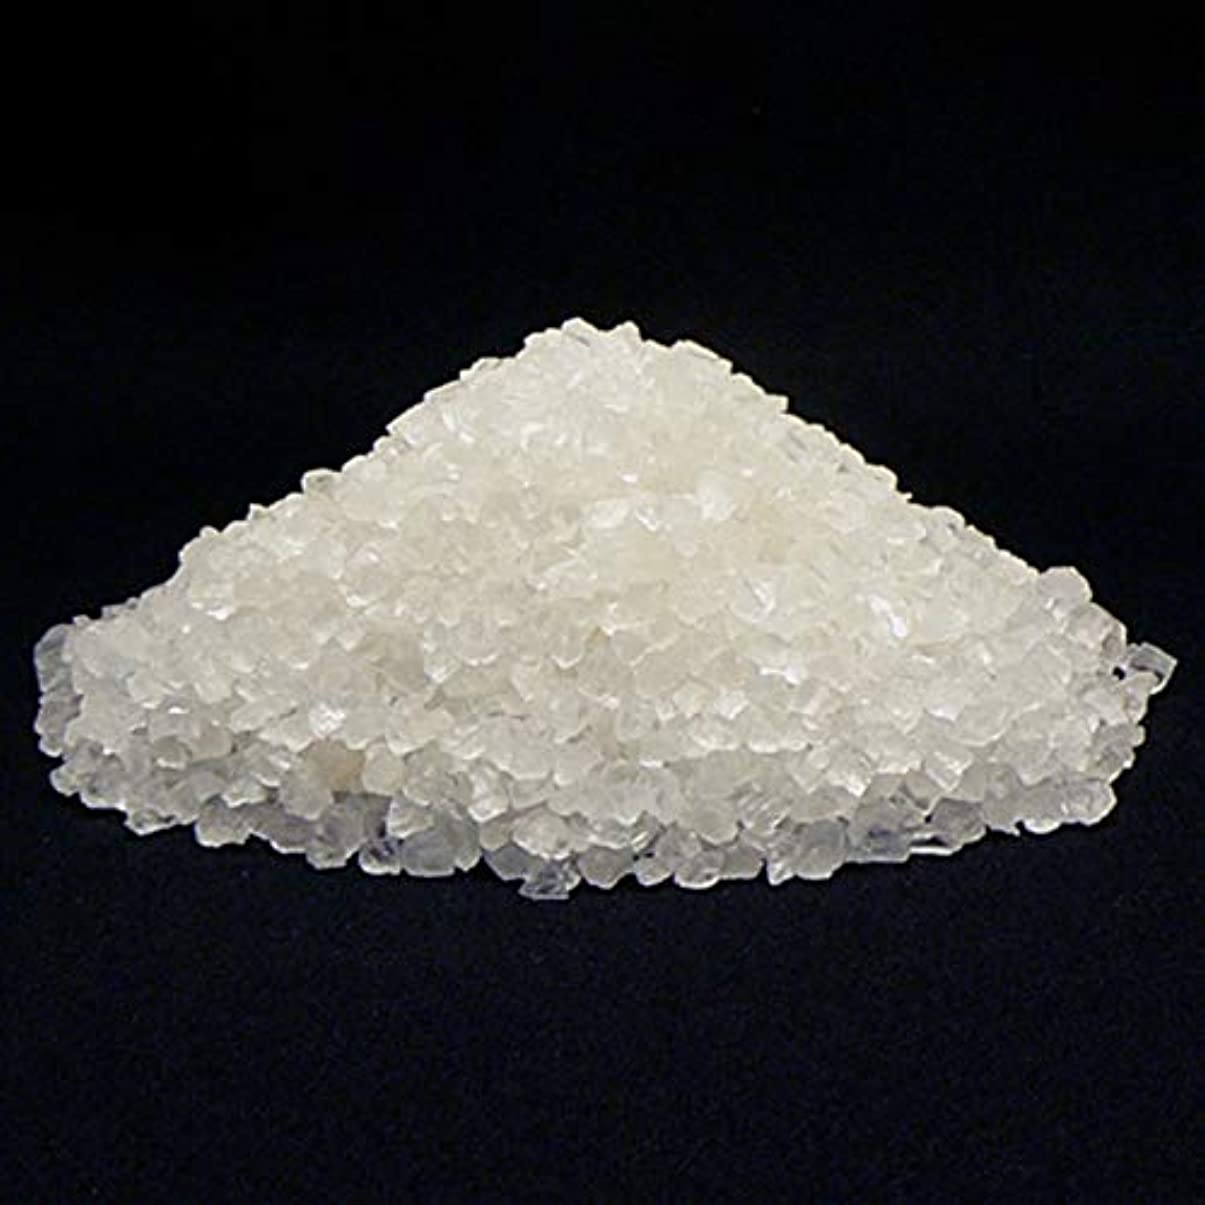 仲間型護衛ヒマラヤ岩塩 クリスタルソルト 入浴用 バスソルト(小粒)クリスタル岩塩 白岩塩 (1kg+250g増量)